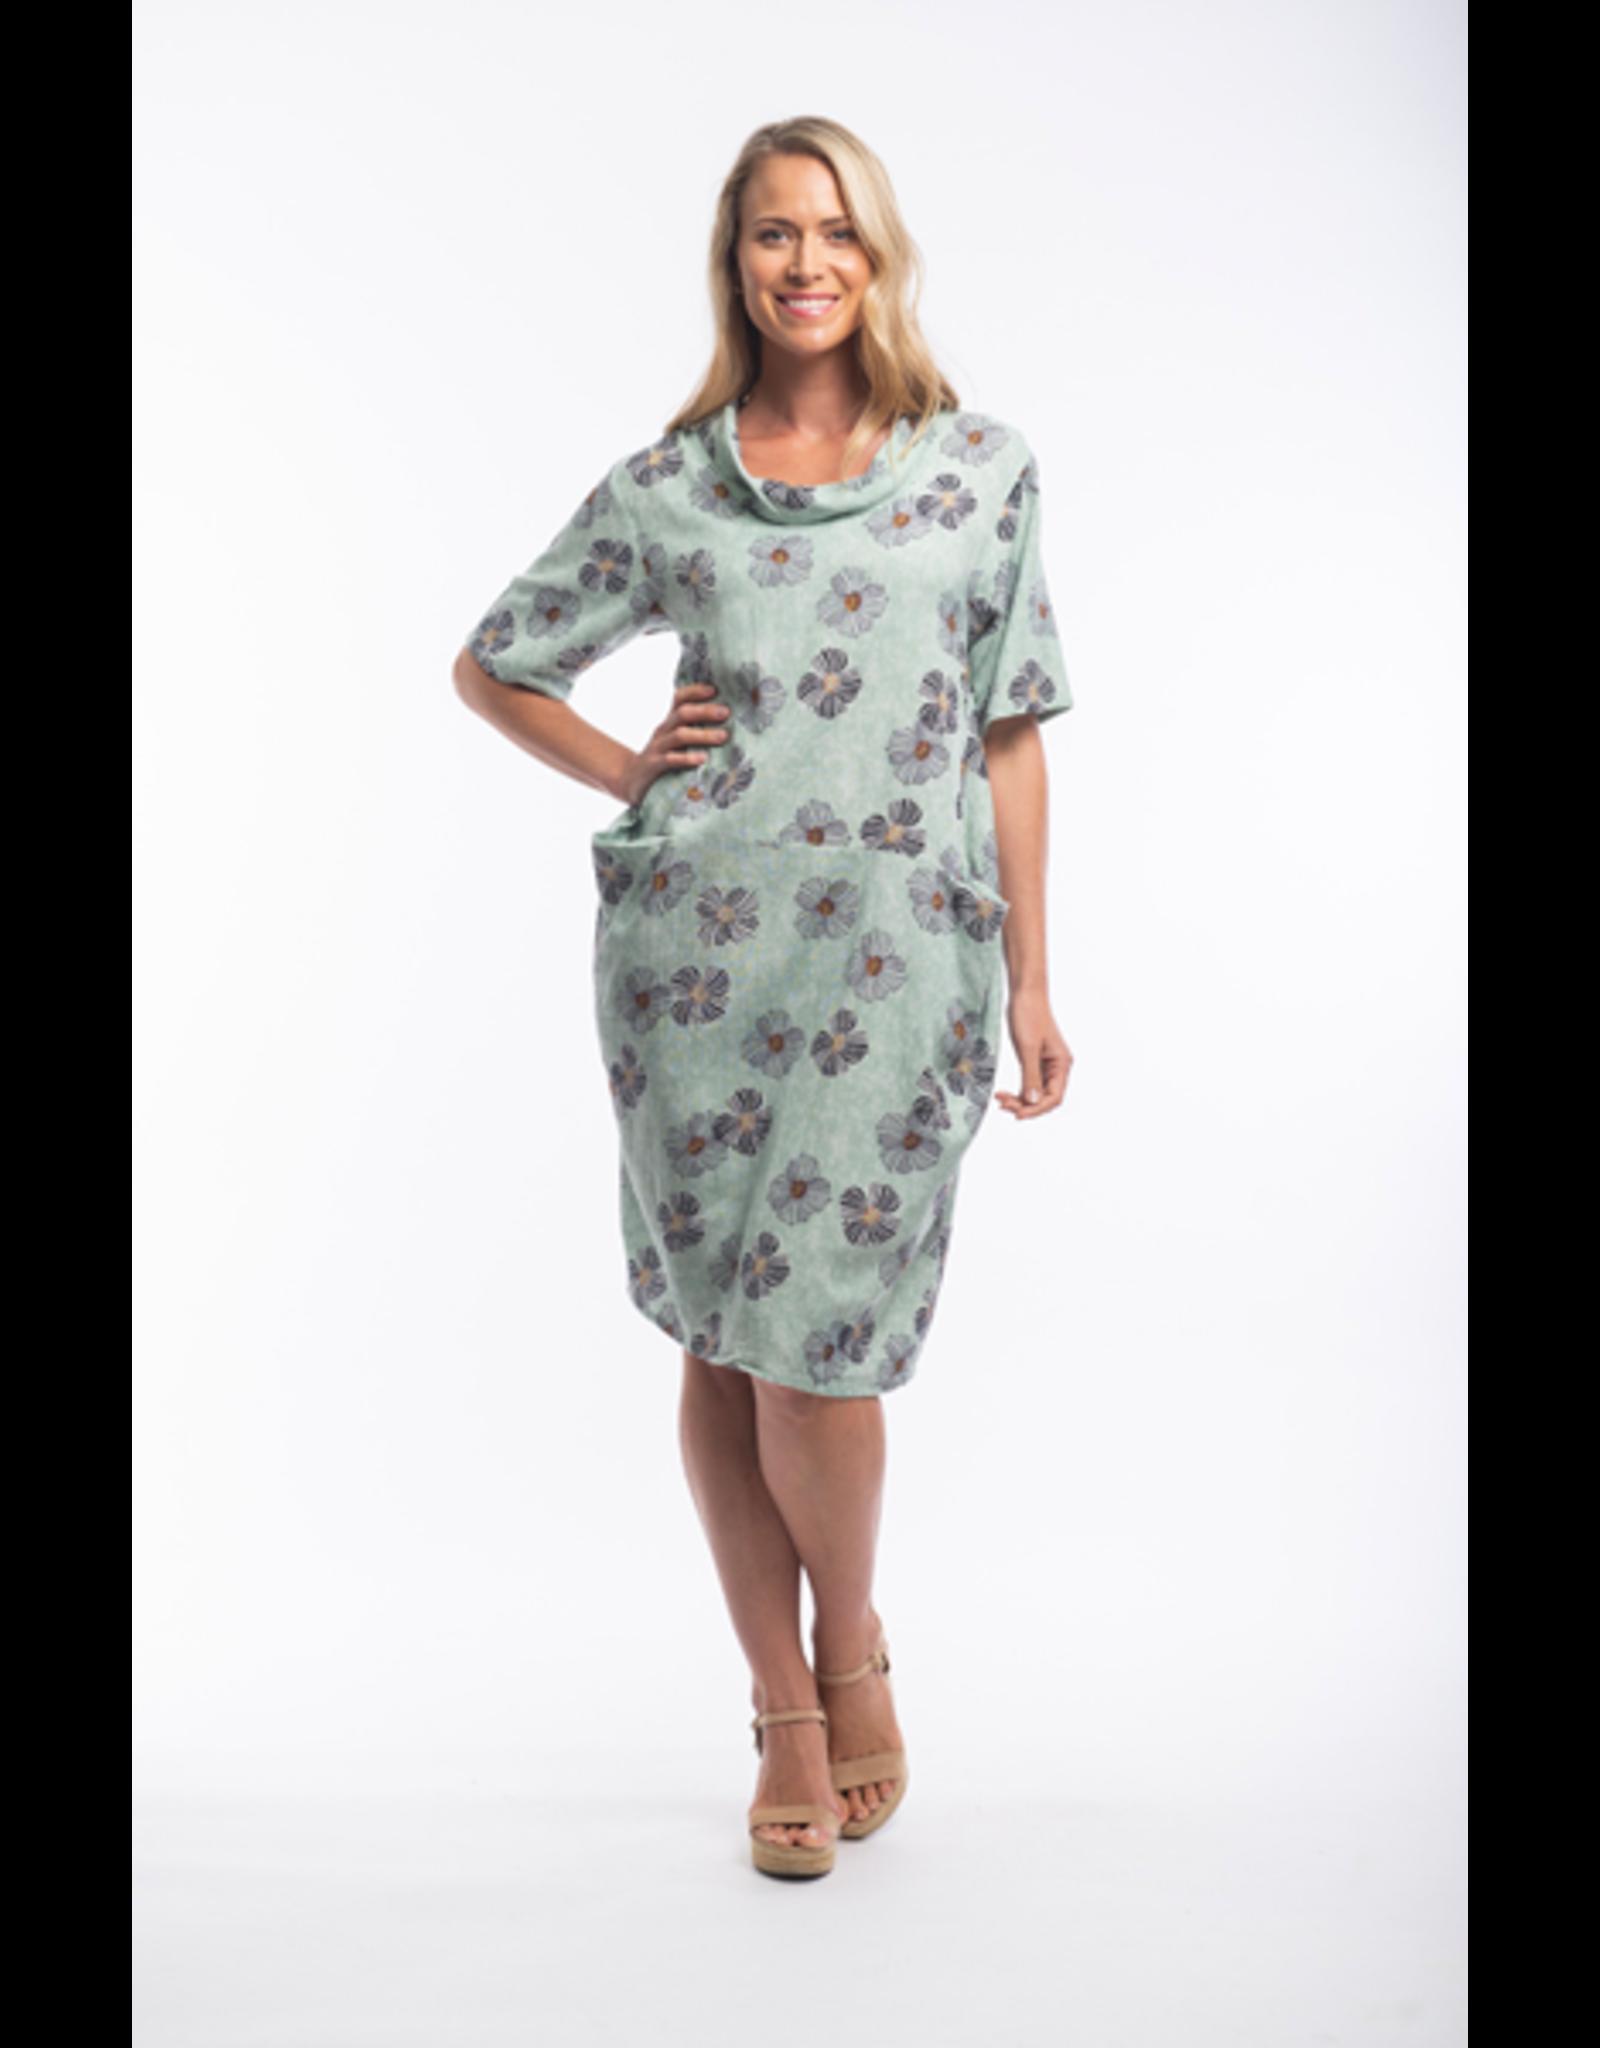 Orientique Andalucia Dress Coul Neck Bubble  21368